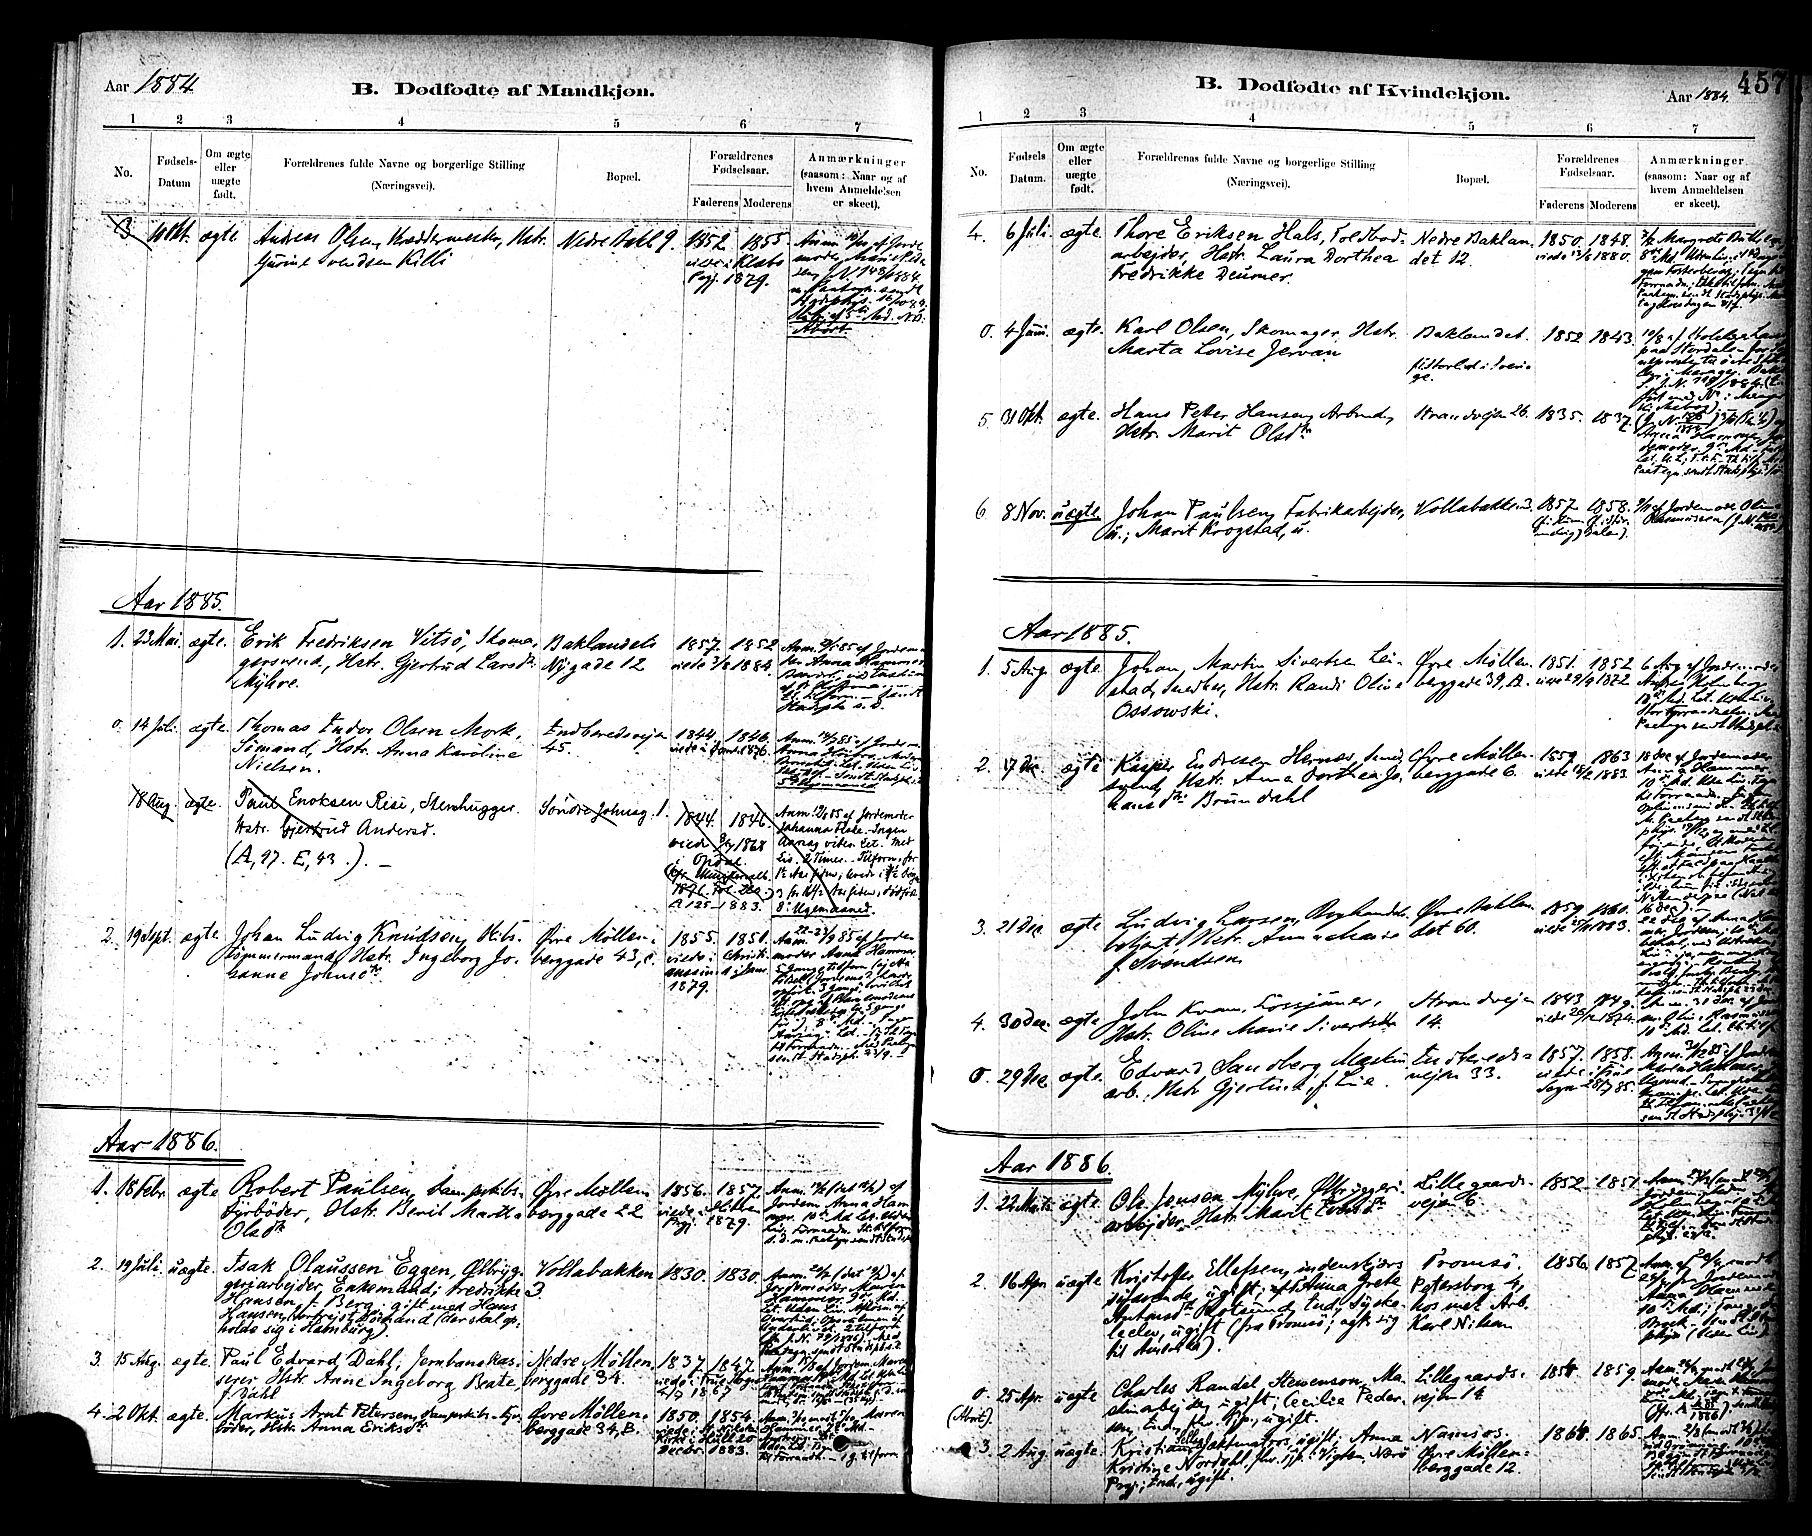 SAT, Ministerialprotokoller, klokkerbøker og fødselsregistre - Sør-Trøndelag, 604/L0188: Ministerialbok nr. 604A09, 1878-1892, s. 457